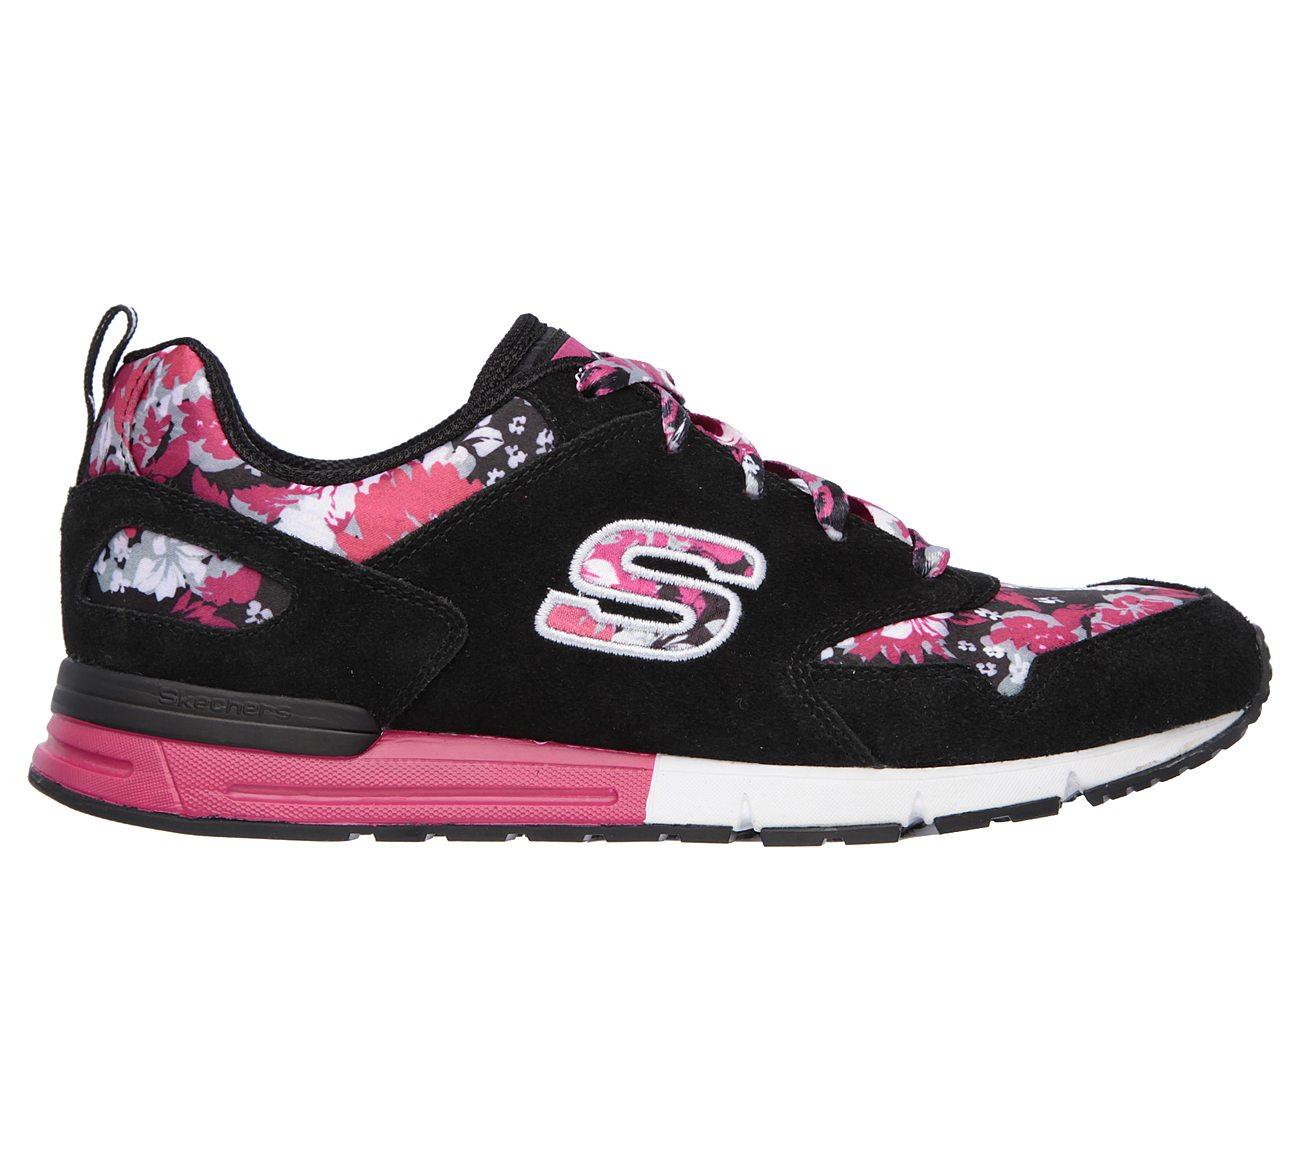 a0d48ccb29af Buy SKECHERS OG 92 - Flower Flare Originals Shoes only  70.00